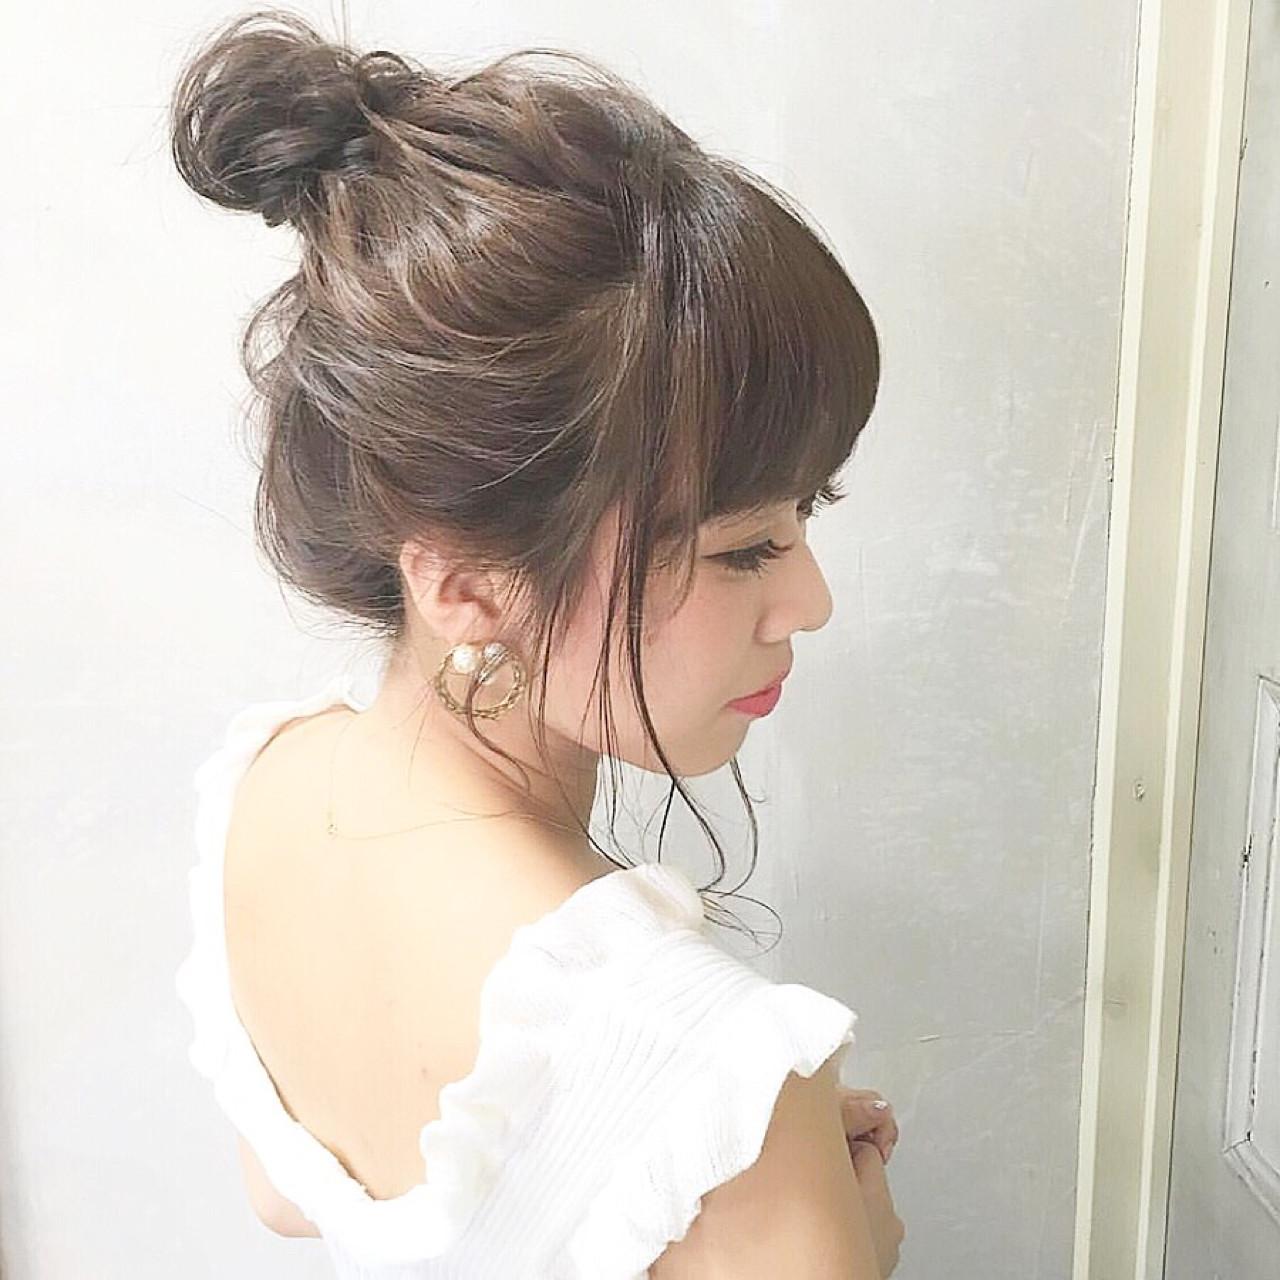 夏服コーデに合う髪型はアップスタイルがぴったり! hii.de@✂︎ | gem.for hair藤崎店